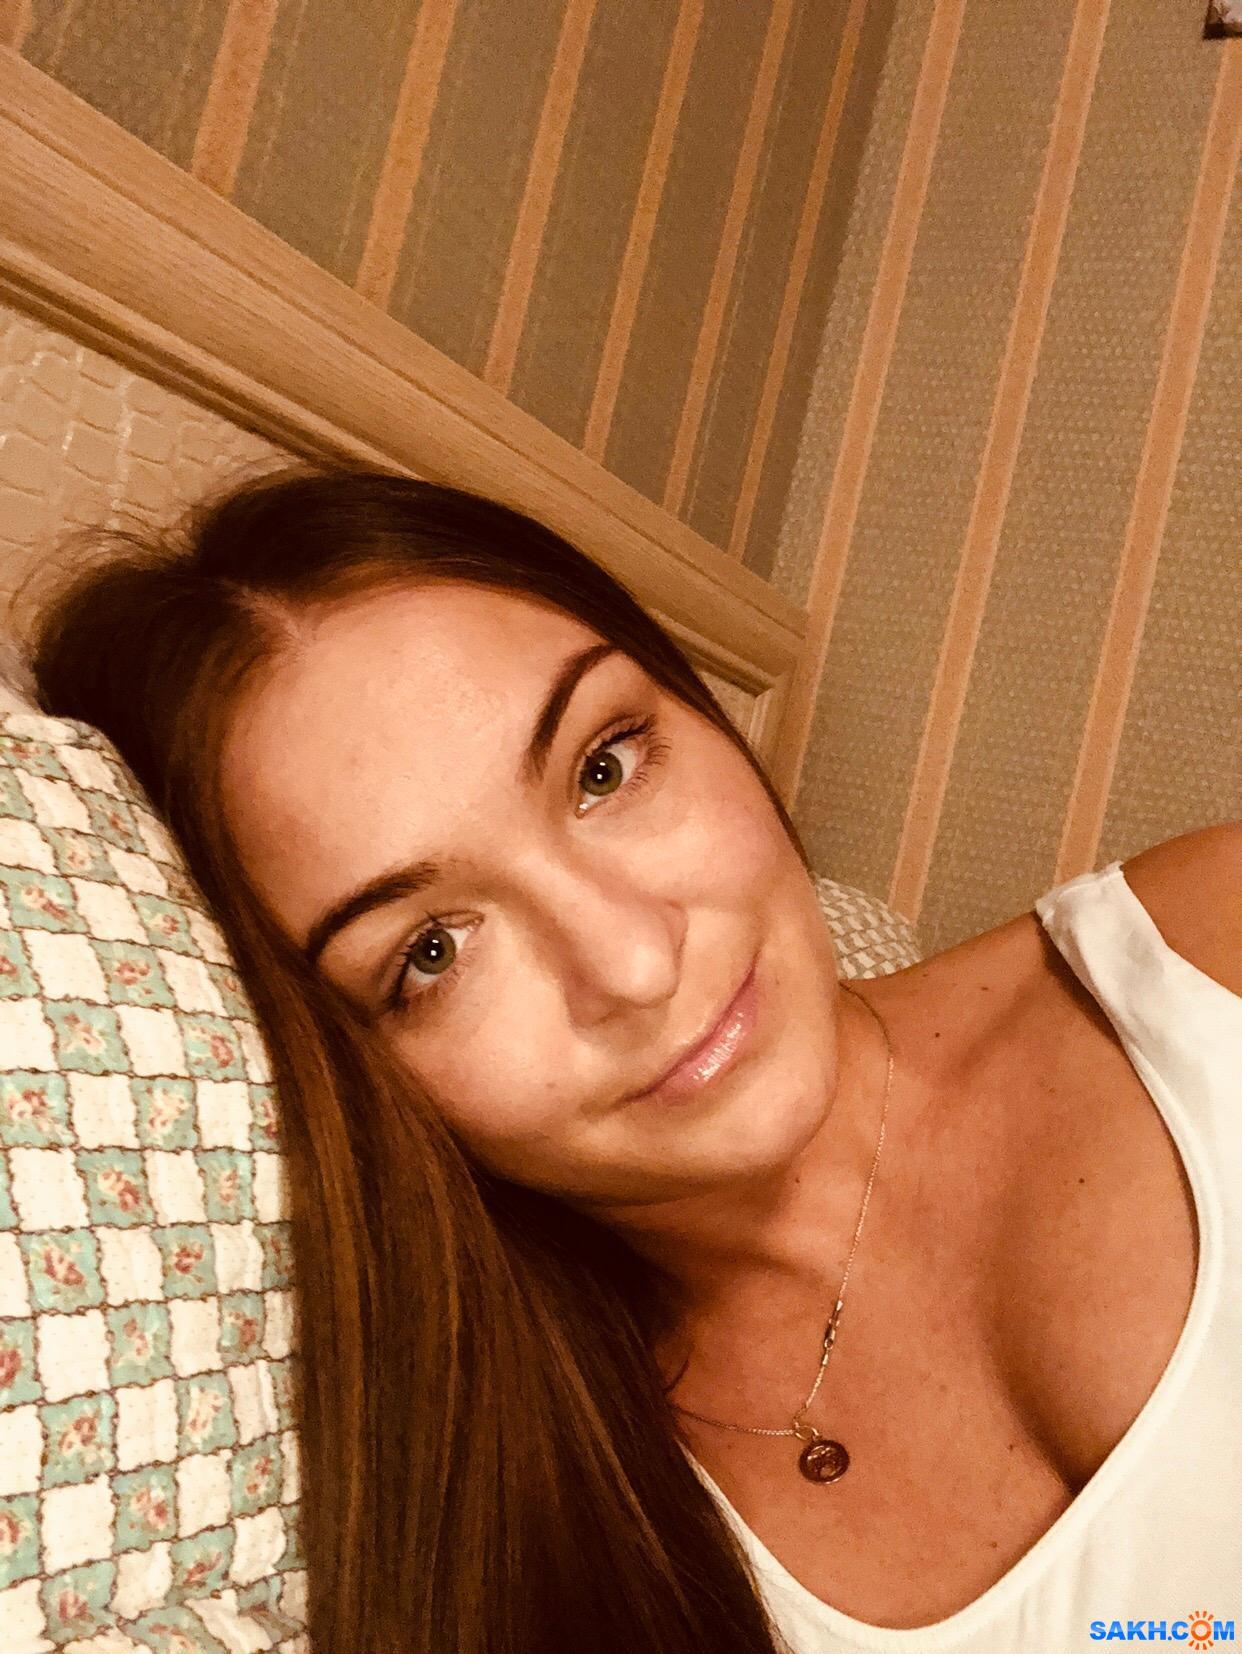 Yulenka: image